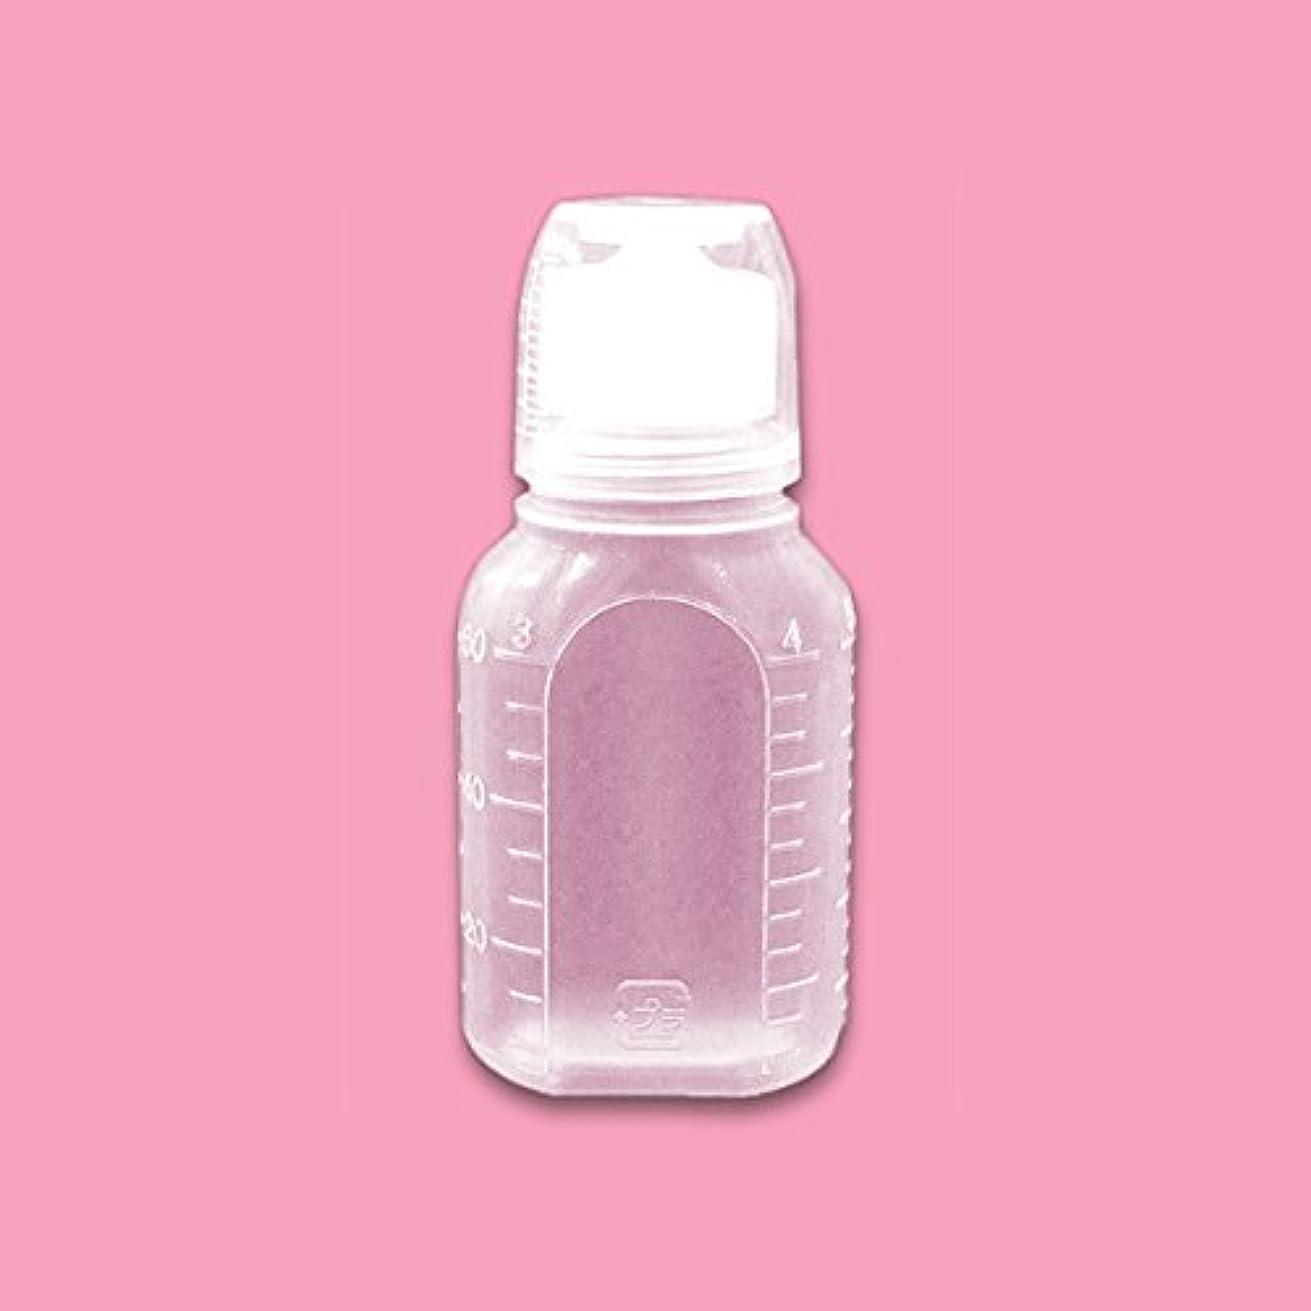 多様な南西リングバック液体用空ボトル 60g 5個入 [ 空ボトル 空容器 詰め替え用 うがい薬 ローションボトル サンプル用 ]◆